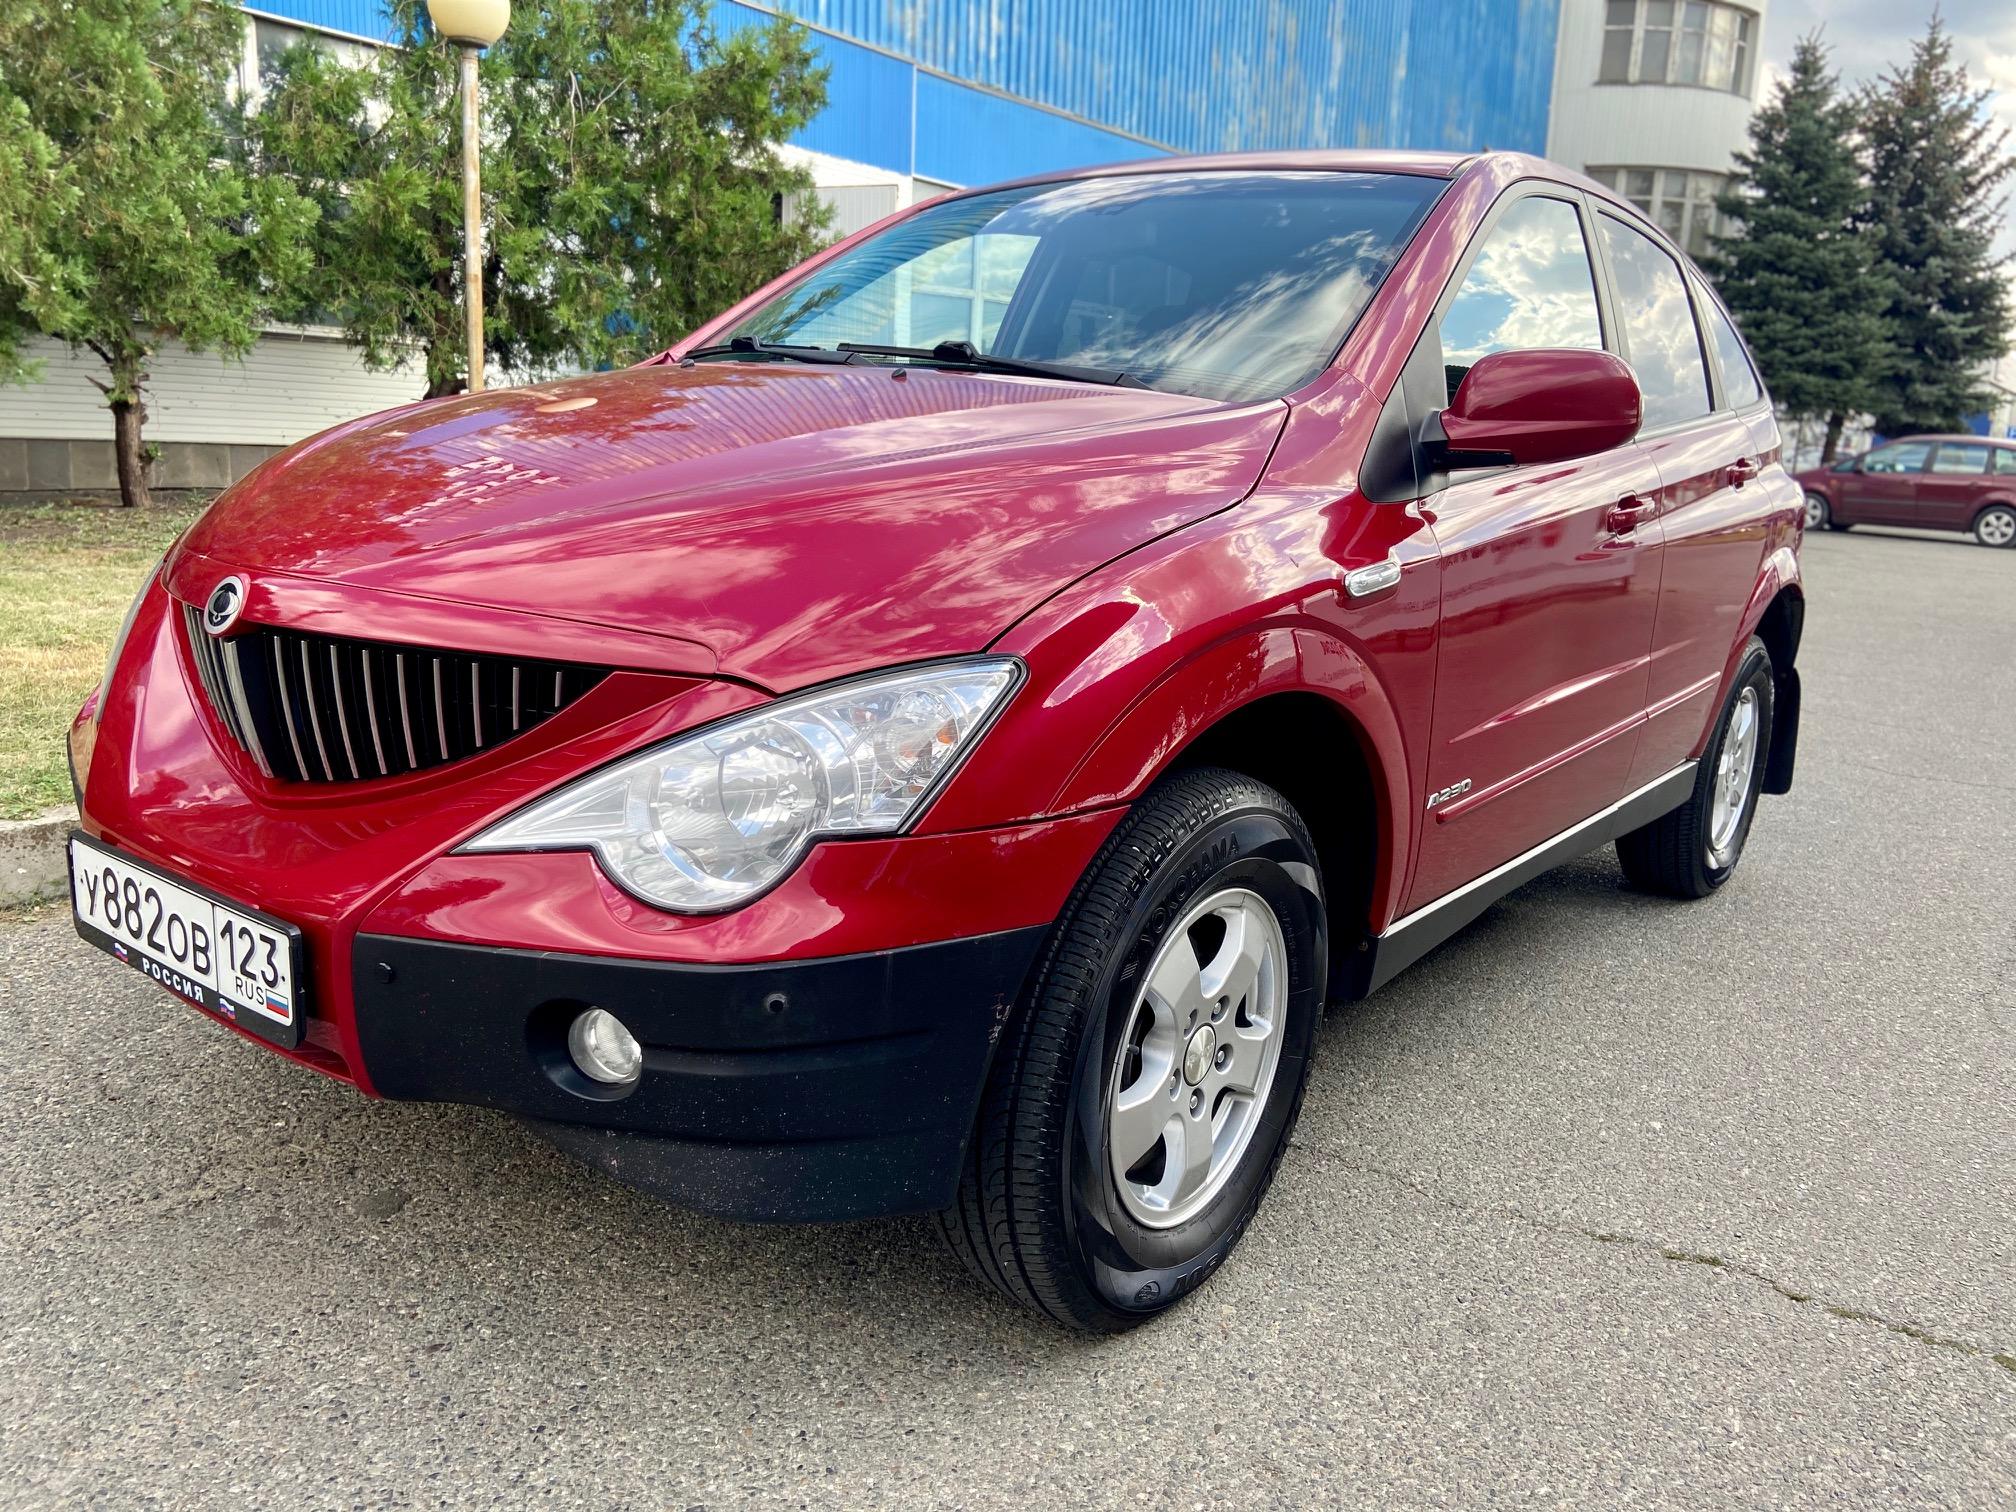 Купить SsangYong Actyon (Красный) - Автопарк Ставрополь